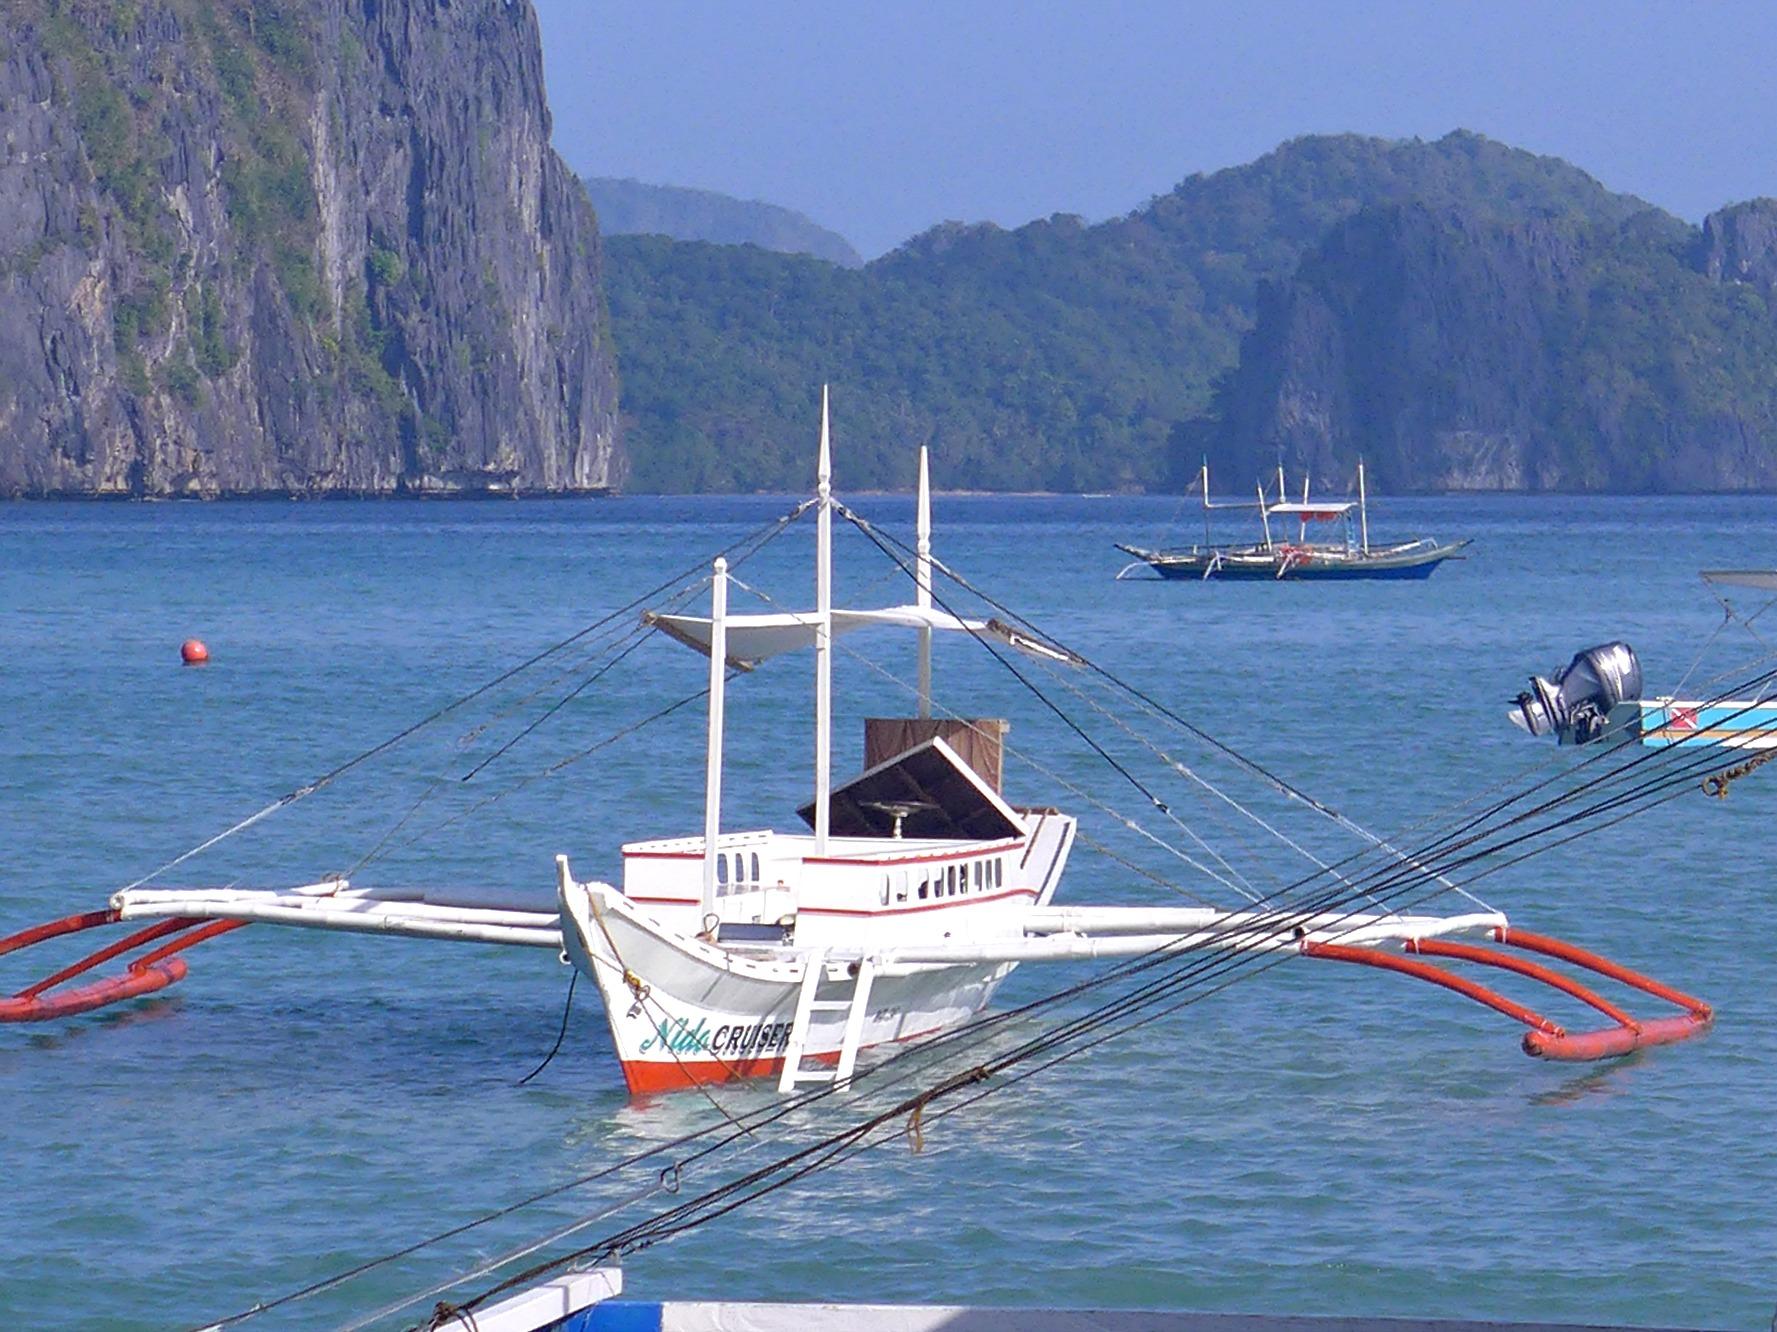 El Nido shore; El Nido island hopping; El Nido package tour; What to do in El Nido, Philippines